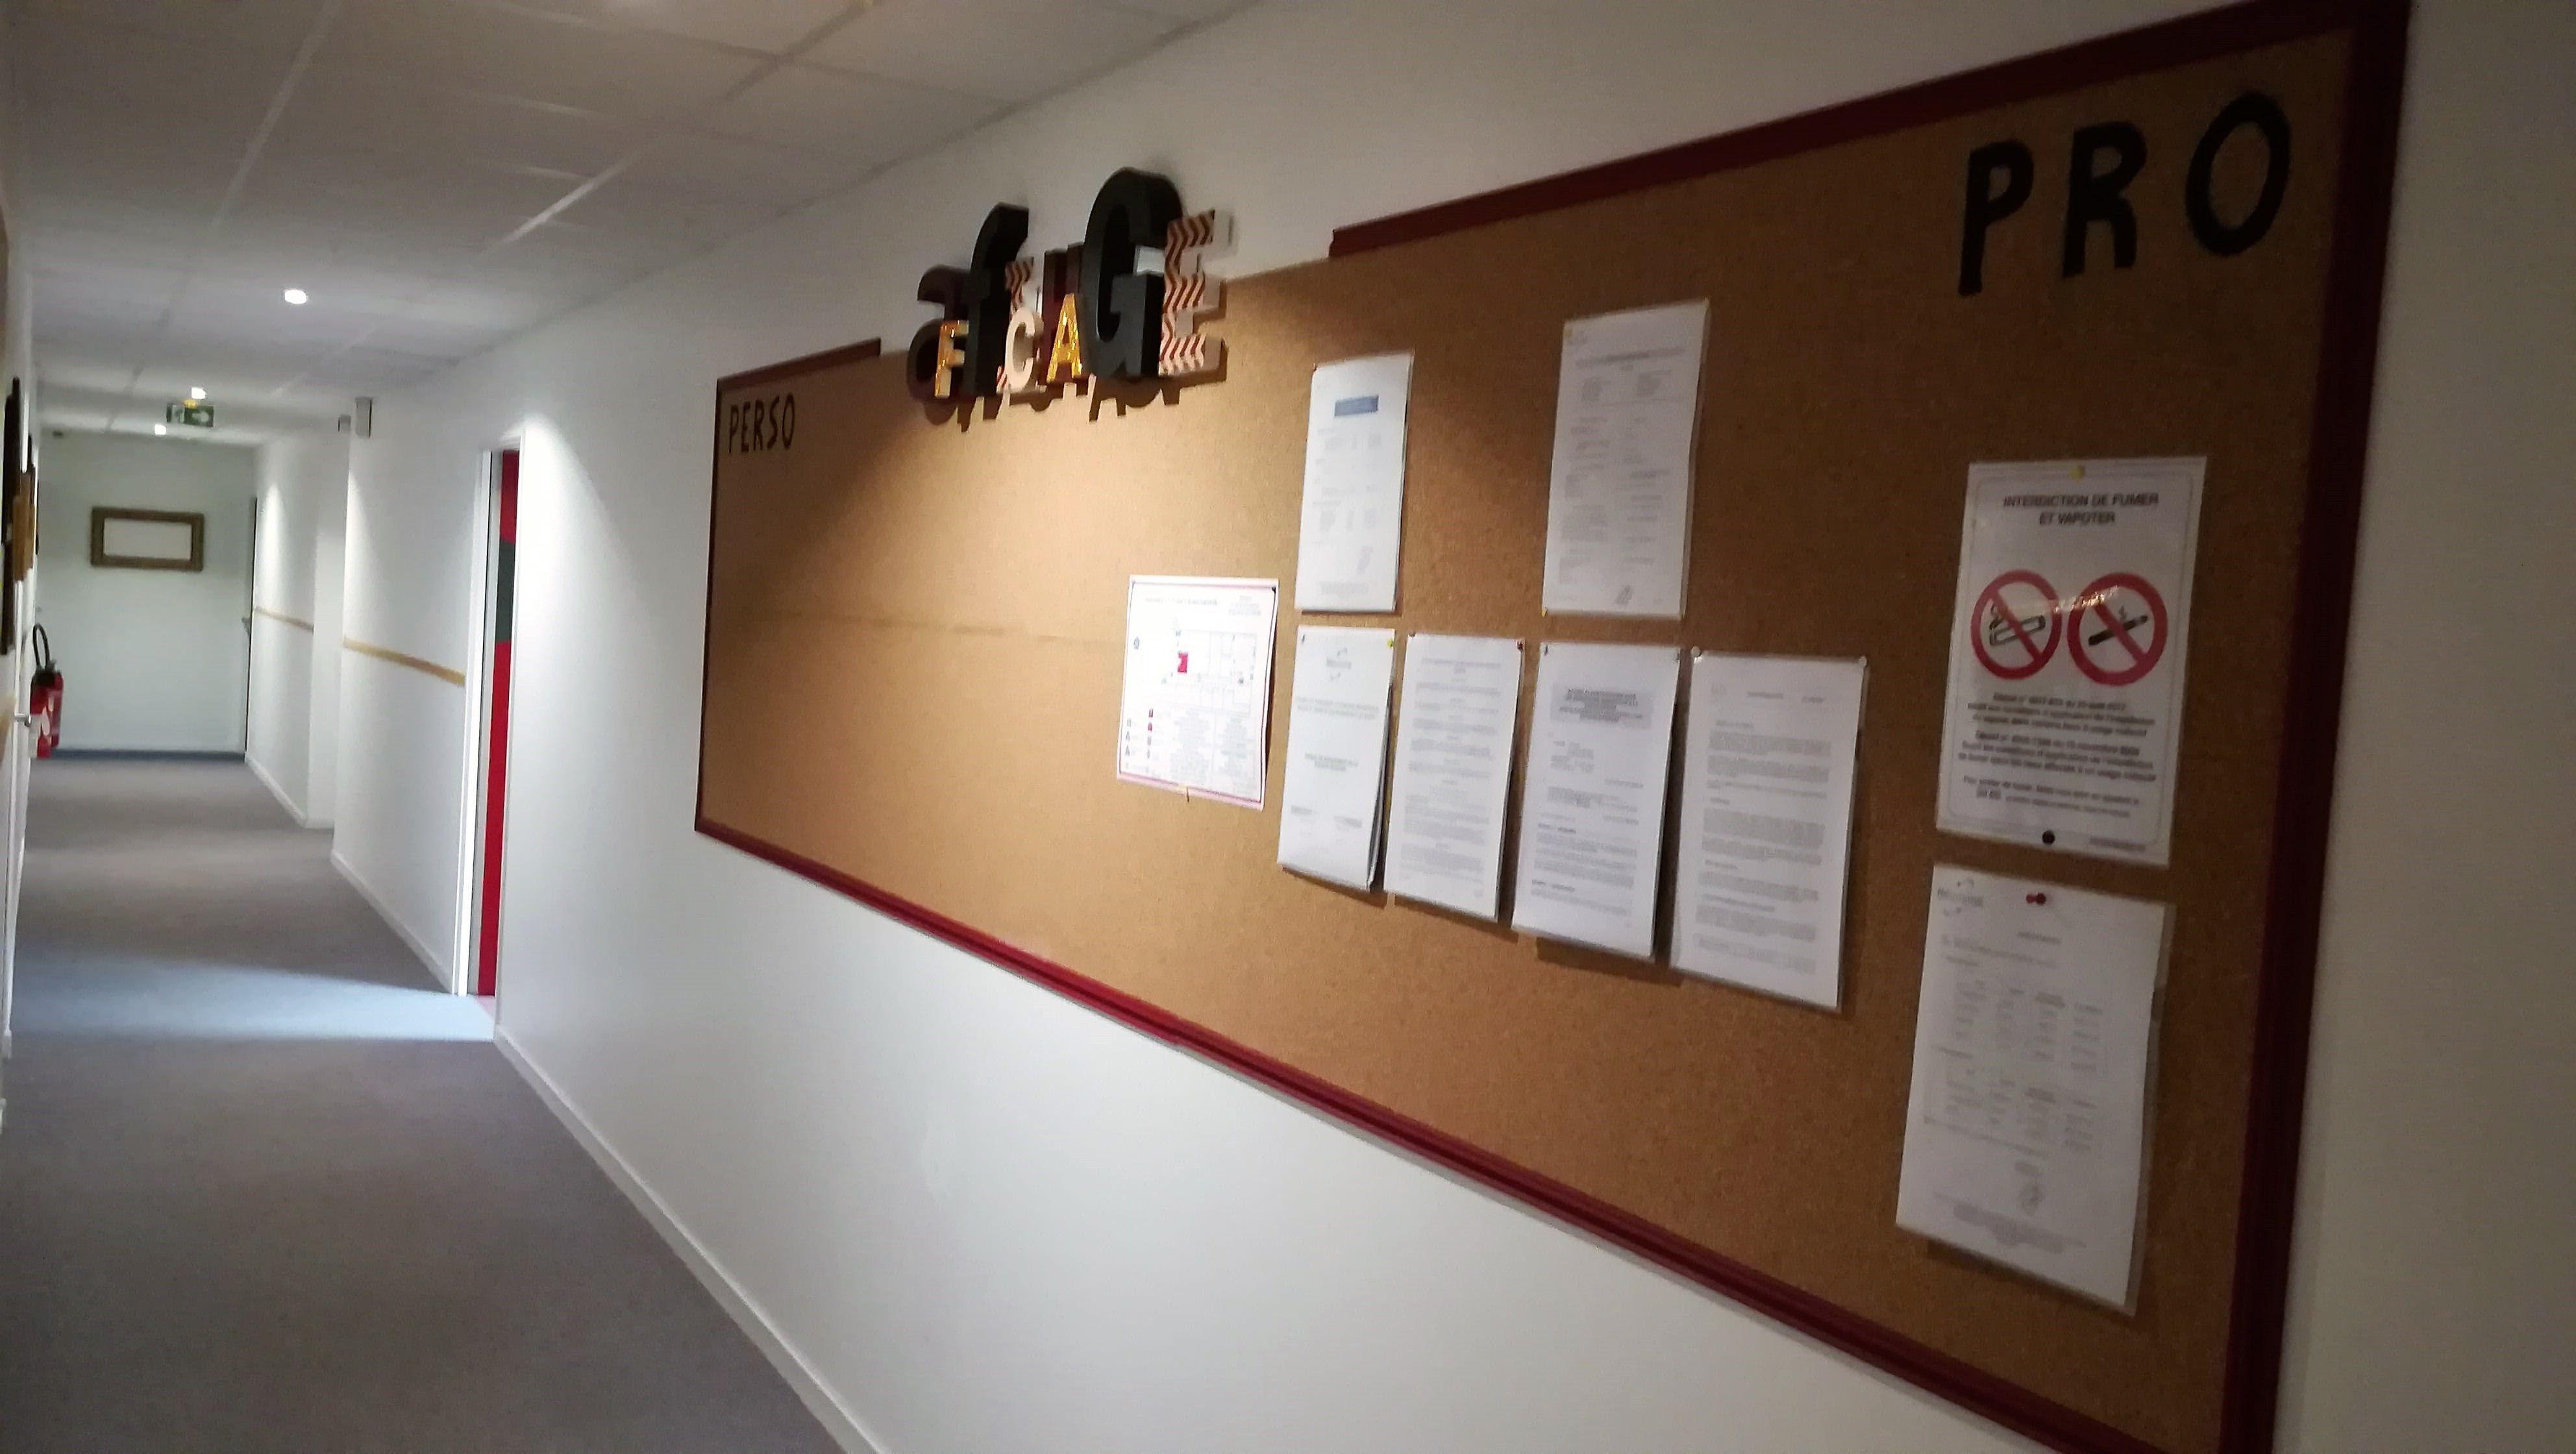 Tableau D Affichage Vitré couloir d'entreprise après embellissement : création d'un